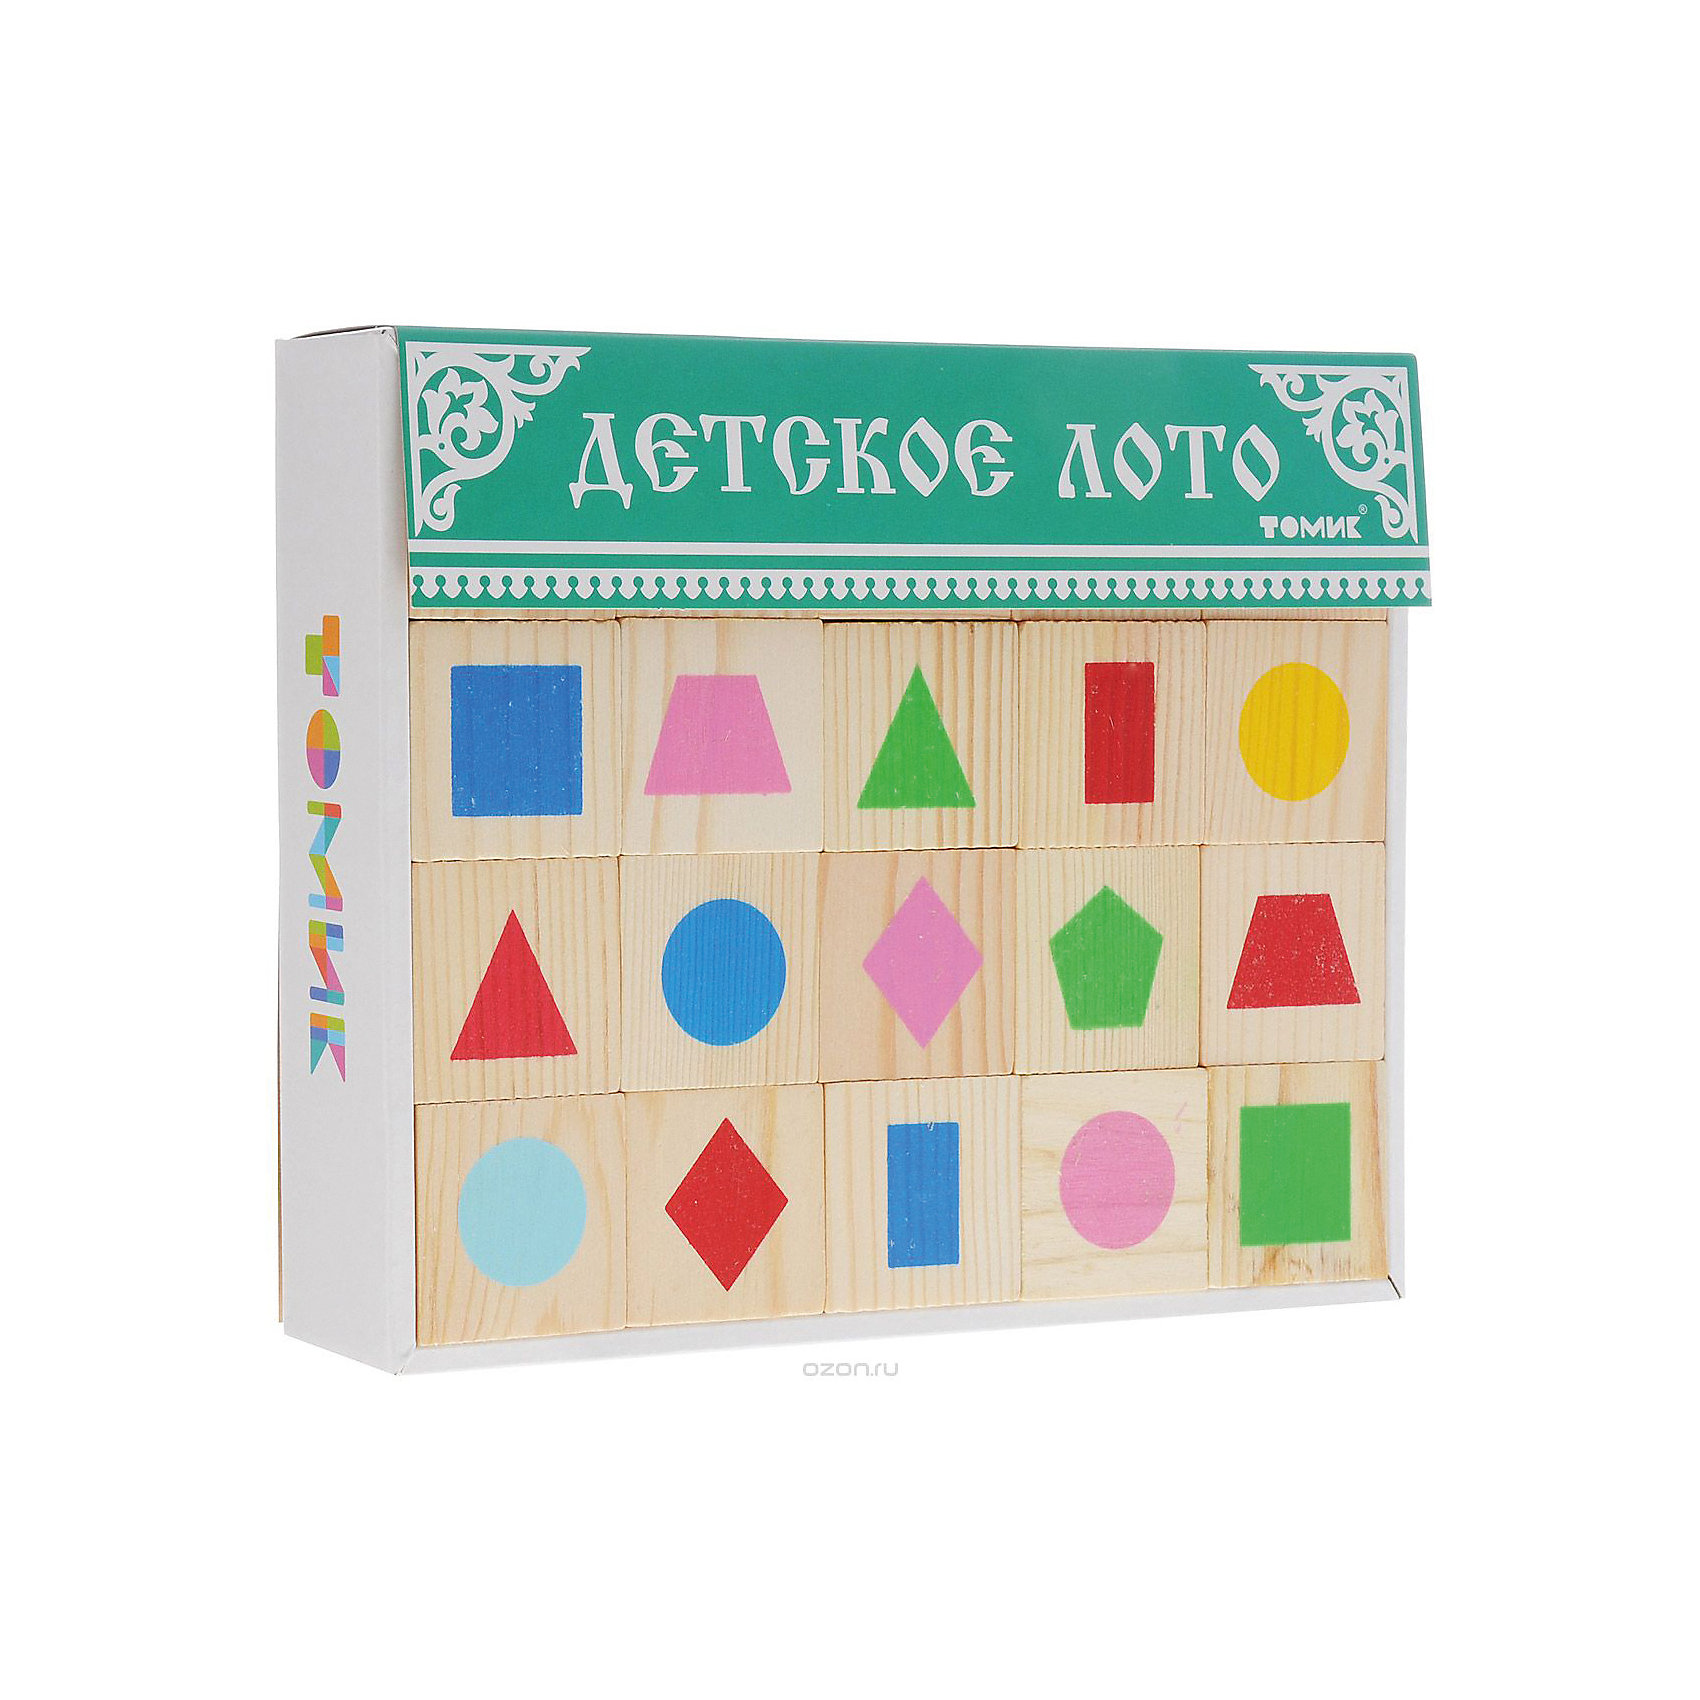 Лото Геометрические фигуры, ТомикЛото Геометрические фигуры, Томик - это увлекательная развивающая игра для детей.<br>Классическое лото, которое предполагает знание чисел в пределах сотни, затрудняет игру для малышей. Специально для них существует детское лото, где вместо бочонков с числами используются фишки с картинками — геометрическими фигурами, животными, игрушками. <br>В набор лото Геометрические фигуры входит 6 карточек и 48 фишек с изображением геометрических фигур разного цвета: круг, квадрат, ромб, прямоугольник, овал, треугольник, трапеция, пятиугольник. В игре могут участвовать от 2 до 6 человек. Правила игры просты — карточки распределяются между игроками, а фишки по одной достаются ведущим из мешочка и игрок, у которого на карточке есть такая же картинка, как на фишке, забирает фишку себе и закрывает ей соответствующую картинку на карточке. Тот, кто первым закрыл на своих карточках все картинки, становится победителем. Однако до того, как начать играть по-настоящему, рассмотрите фишки, назовите нарисованные на них фигуры, их цвет. Рассортируйте их вместе сначала по цвету, а потом по форме. Затем пусть малыш сделает это самостоятельно. Потом дайте ребенку карточку. Дайте ему фишку с фигурой и попросите найти такую же фигуру на карточке и закрыть ее фишкой. Когда малыш освоит сам принцип игры – лото, можно играть вдвоем или втроем. После того, как в своей традиционной форме игра будет освоена, ее можно усложнить, не показывая фишку, а подробно характеризуя изображение: У этой фигуры три угла. Она красного цвета - пусть малыш учится работать с вербальной информацией, постепенно запоминает и дает правильные названия. Играя в лото Геометрические фигуры ребенок сможет легко запомнить как простые, так и более сложные геометрические фигуры. Как и вся продукция «Томик», детали лото сделаны из чистого дерева и сертифицированы для малышей, а нанесённые шелкографией рисунки долговечны и надёжны.<br><br>Дополнительная информация:<br><br>- В наборе: 48 деревянных фи